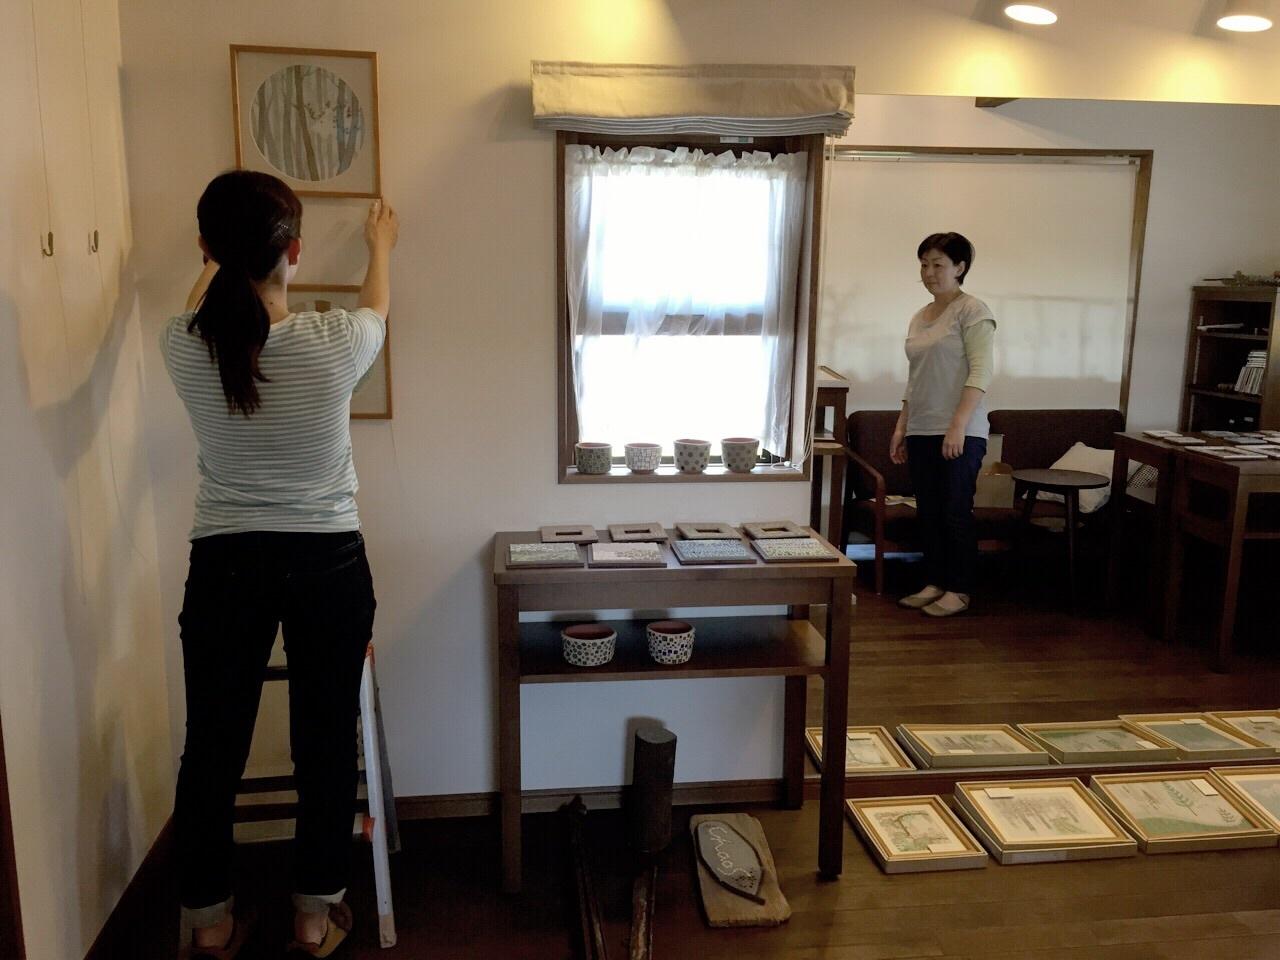 色えんぴつ画とタイルアート展 〜北の森への招待状〜_a0322702_17474330.jpg